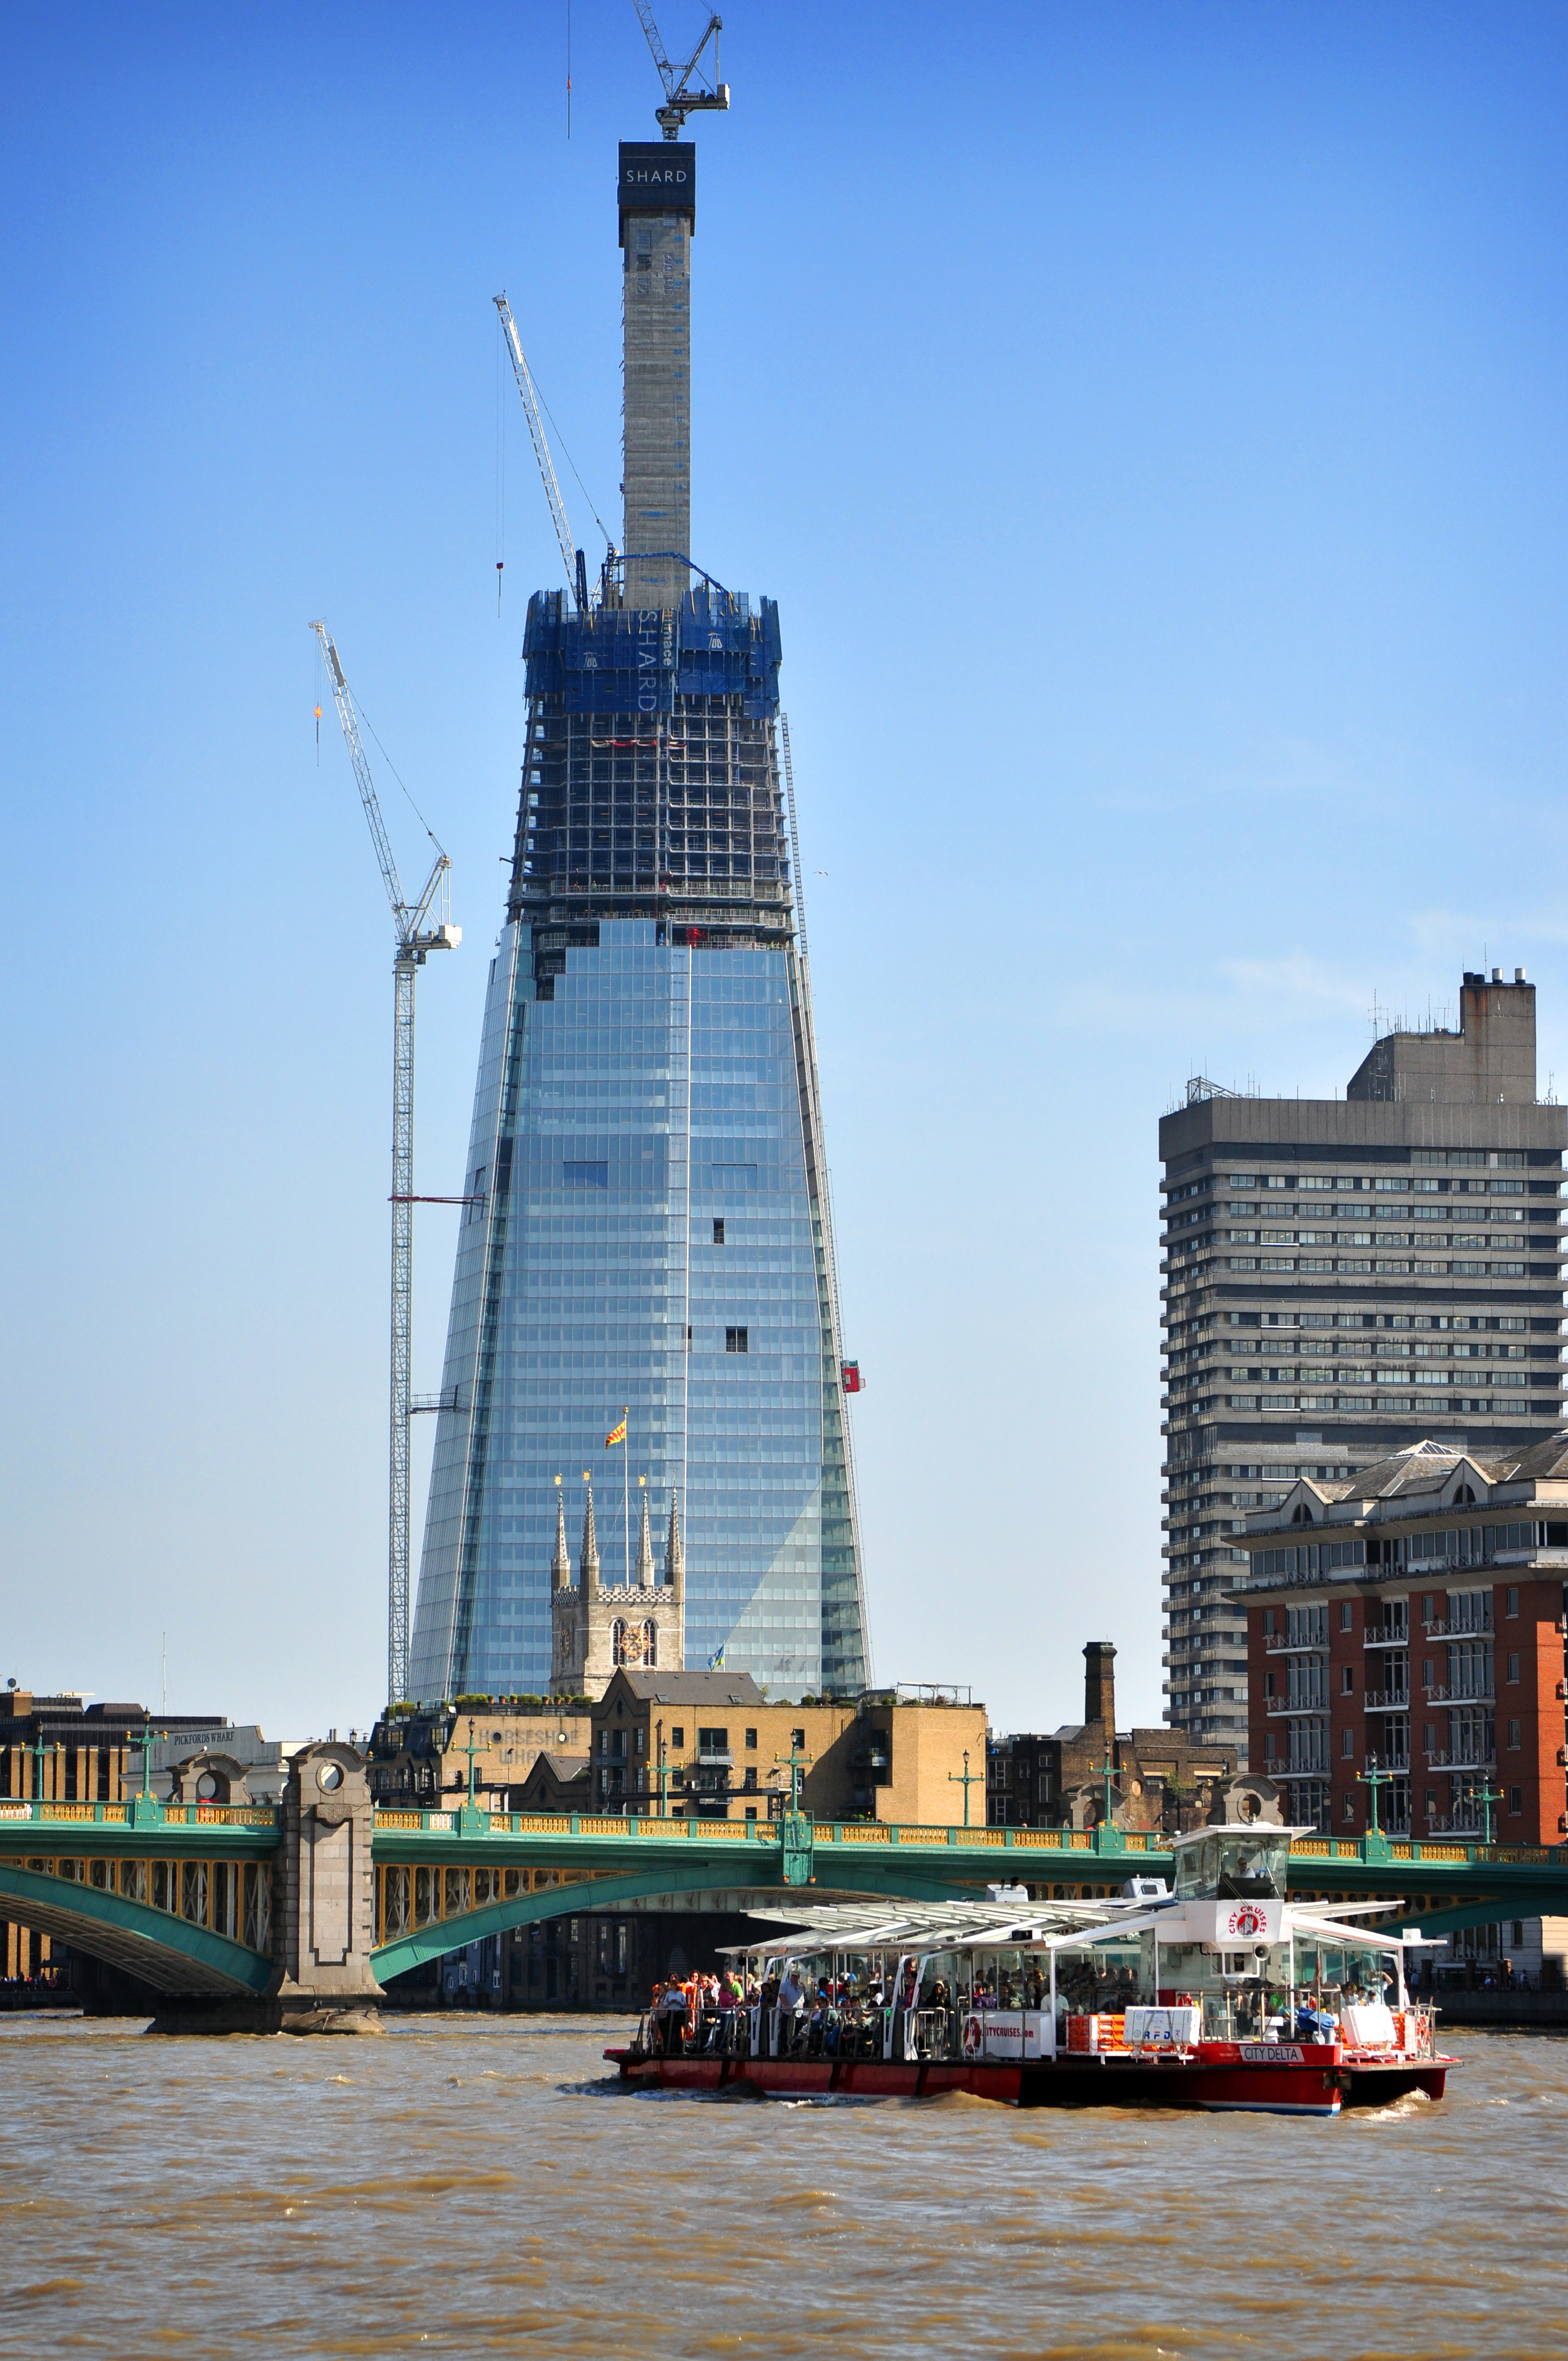 Rise Credit >> File:Shard London Bridge, April 19 2011.jpg - Wikimedia Commons